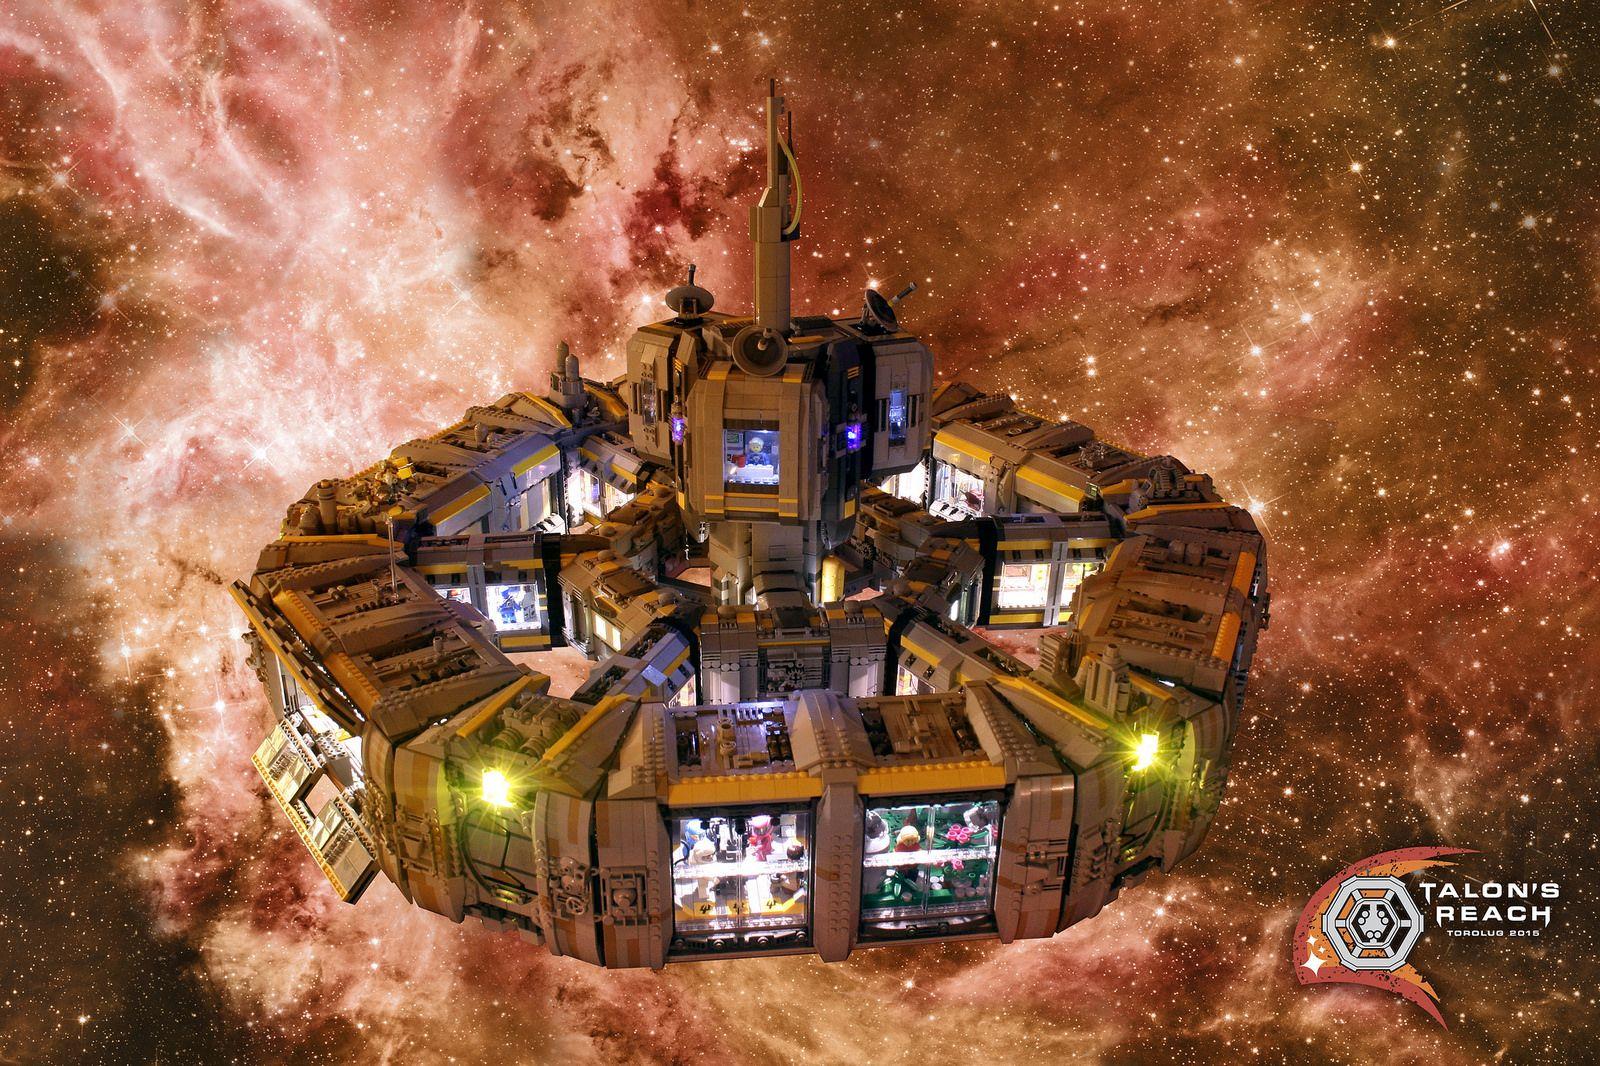 Talon's Reach Station | da armoredgear7